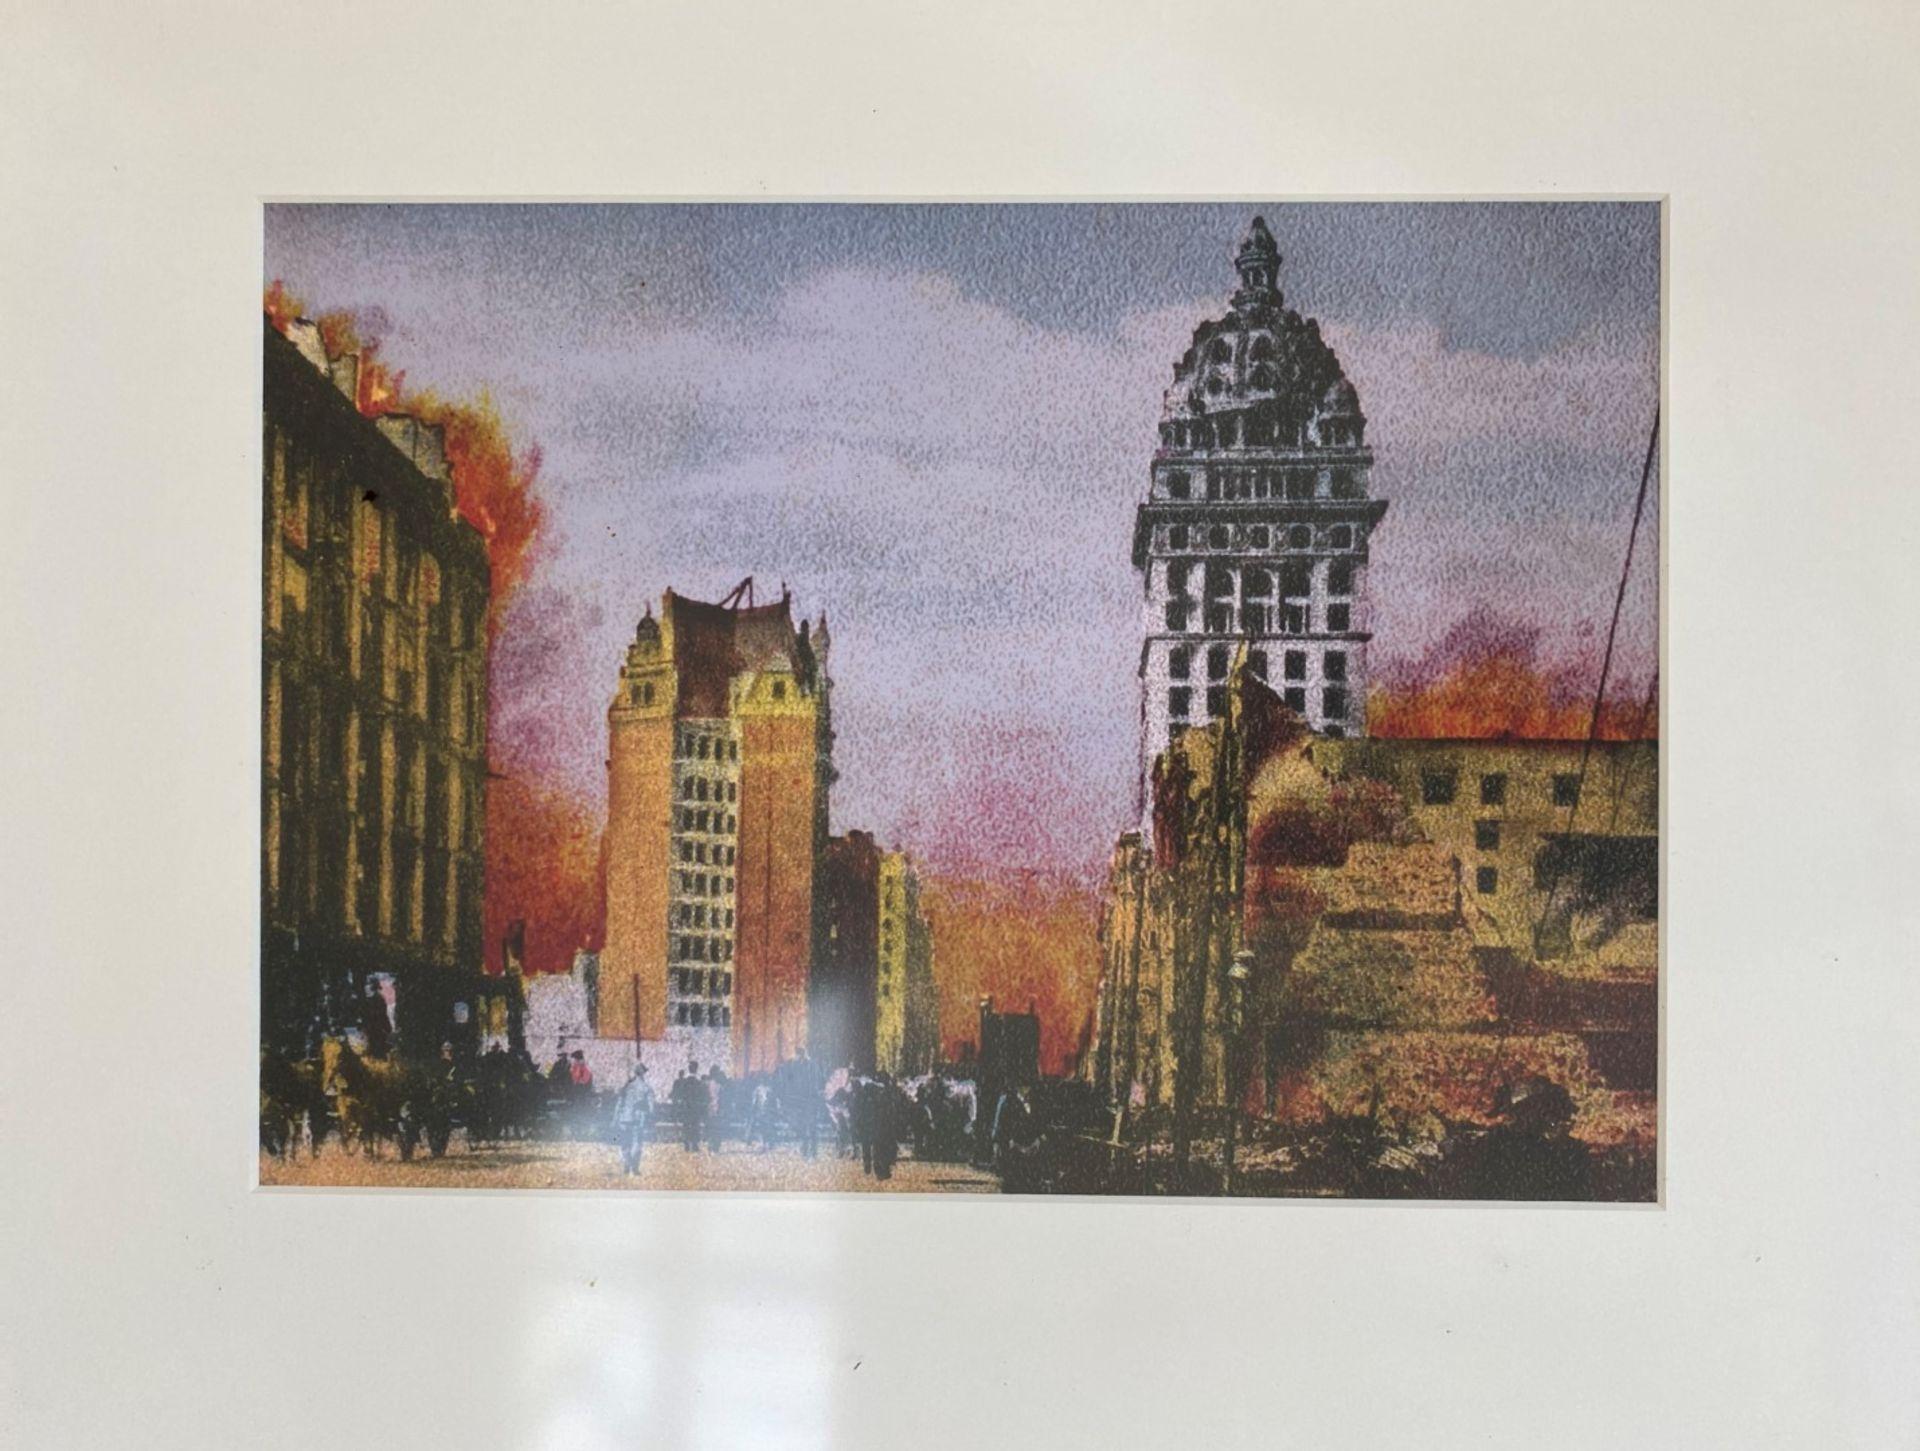 Framed Sketch Prints - Image 8 of 8